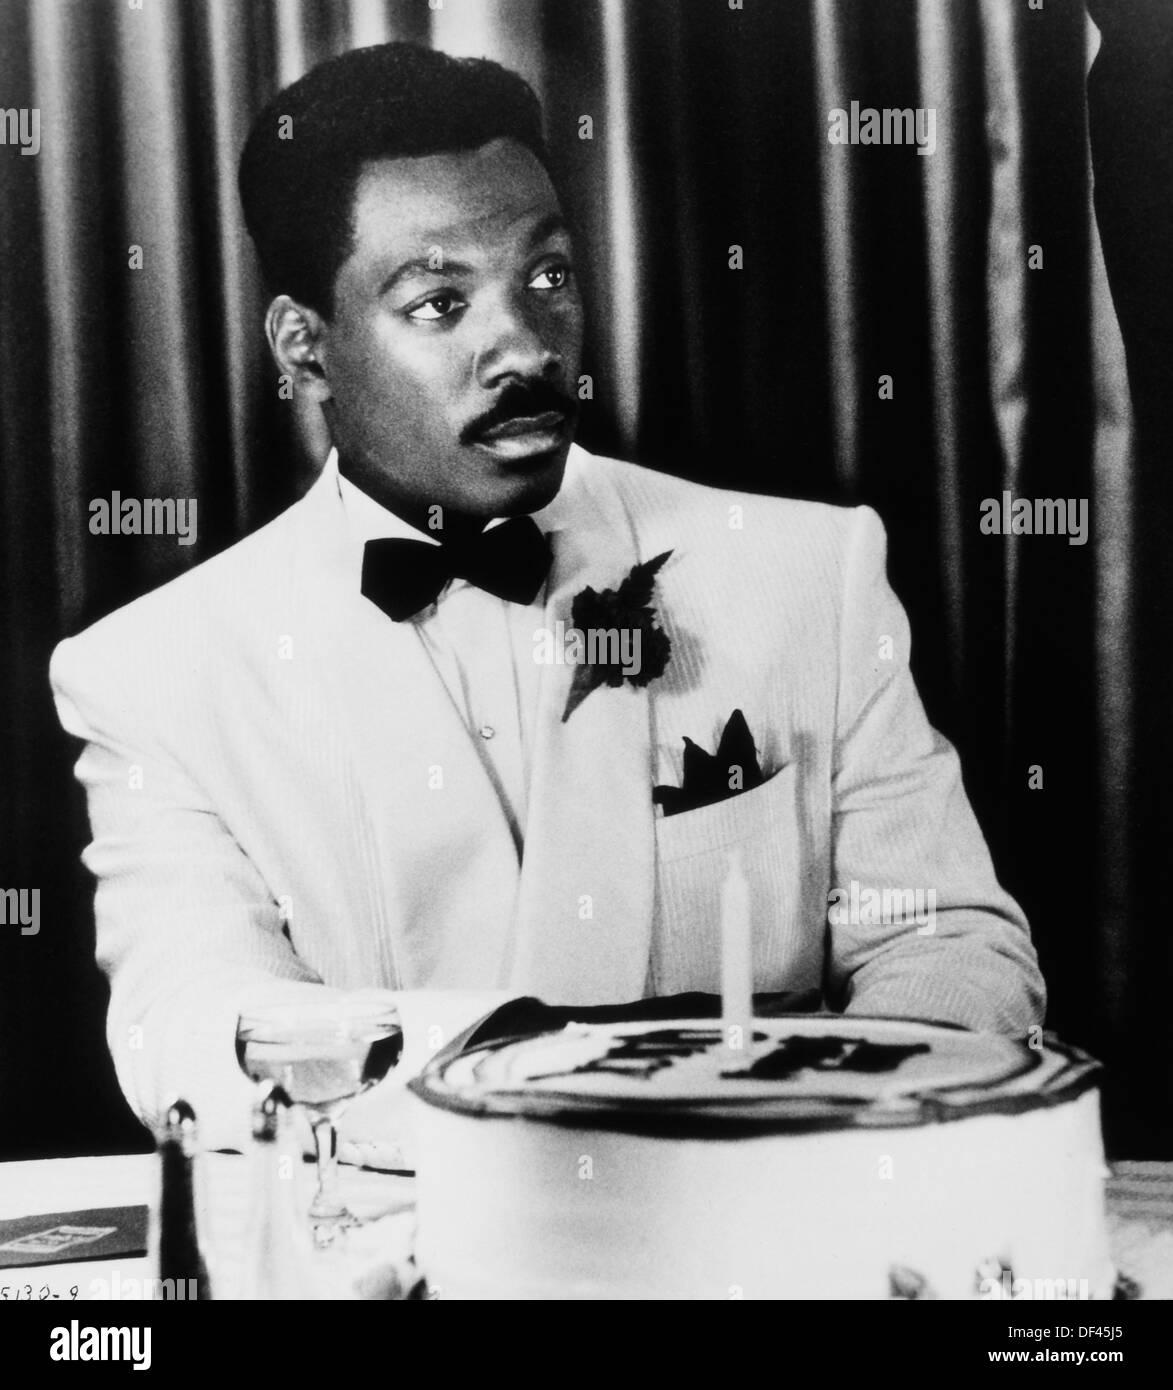 """Eddie Murphy, der Film """"Harlem Nights"""", Eddie Murphy Productions, Paramount Pictures, 1989 Stockbild"""